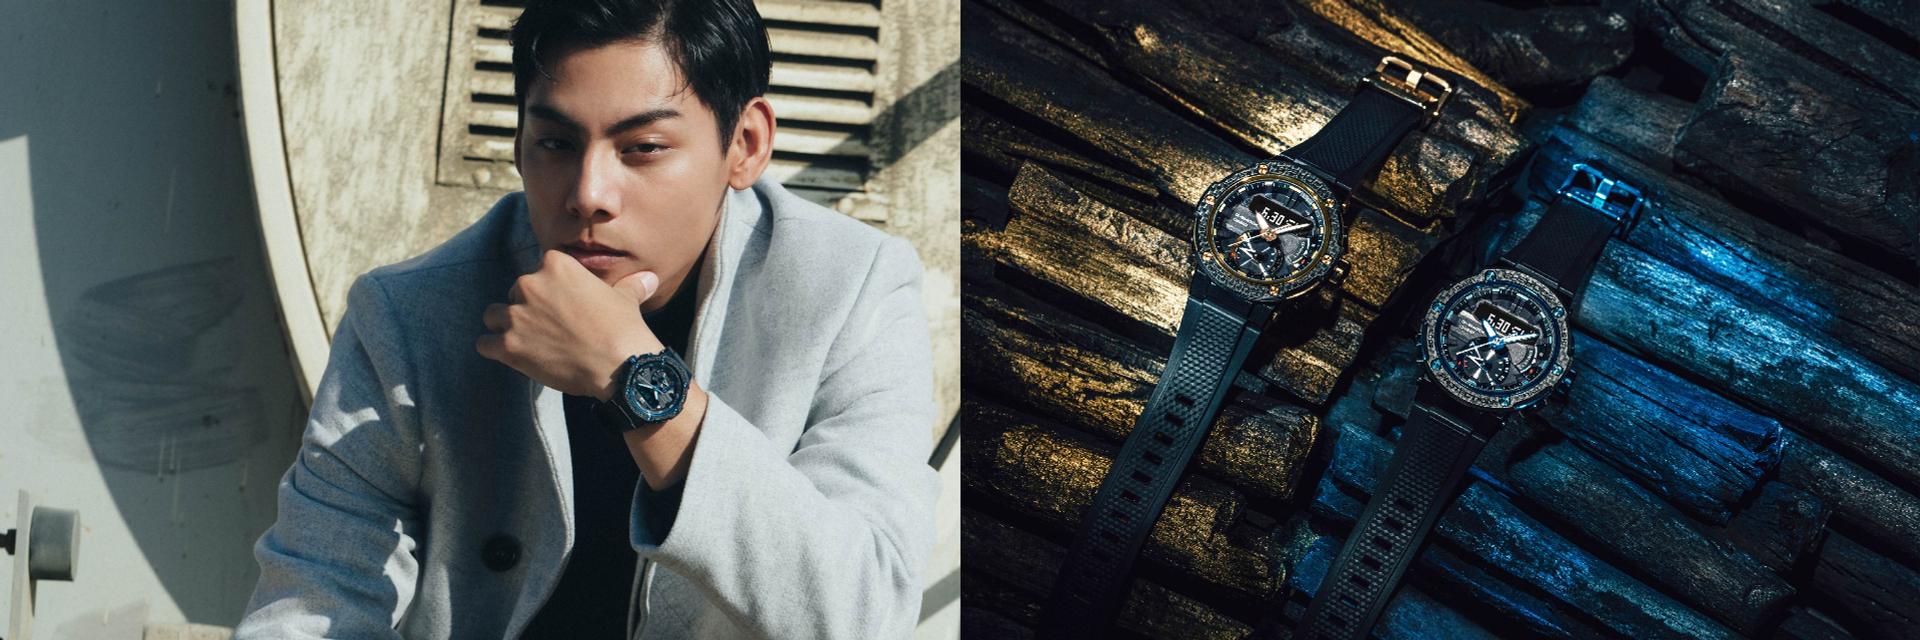 雅痞紳士最愛!G-SHOCK這款碳纖維材質手錶太時尚,穿什麼都讓人無法忽略它的存在~